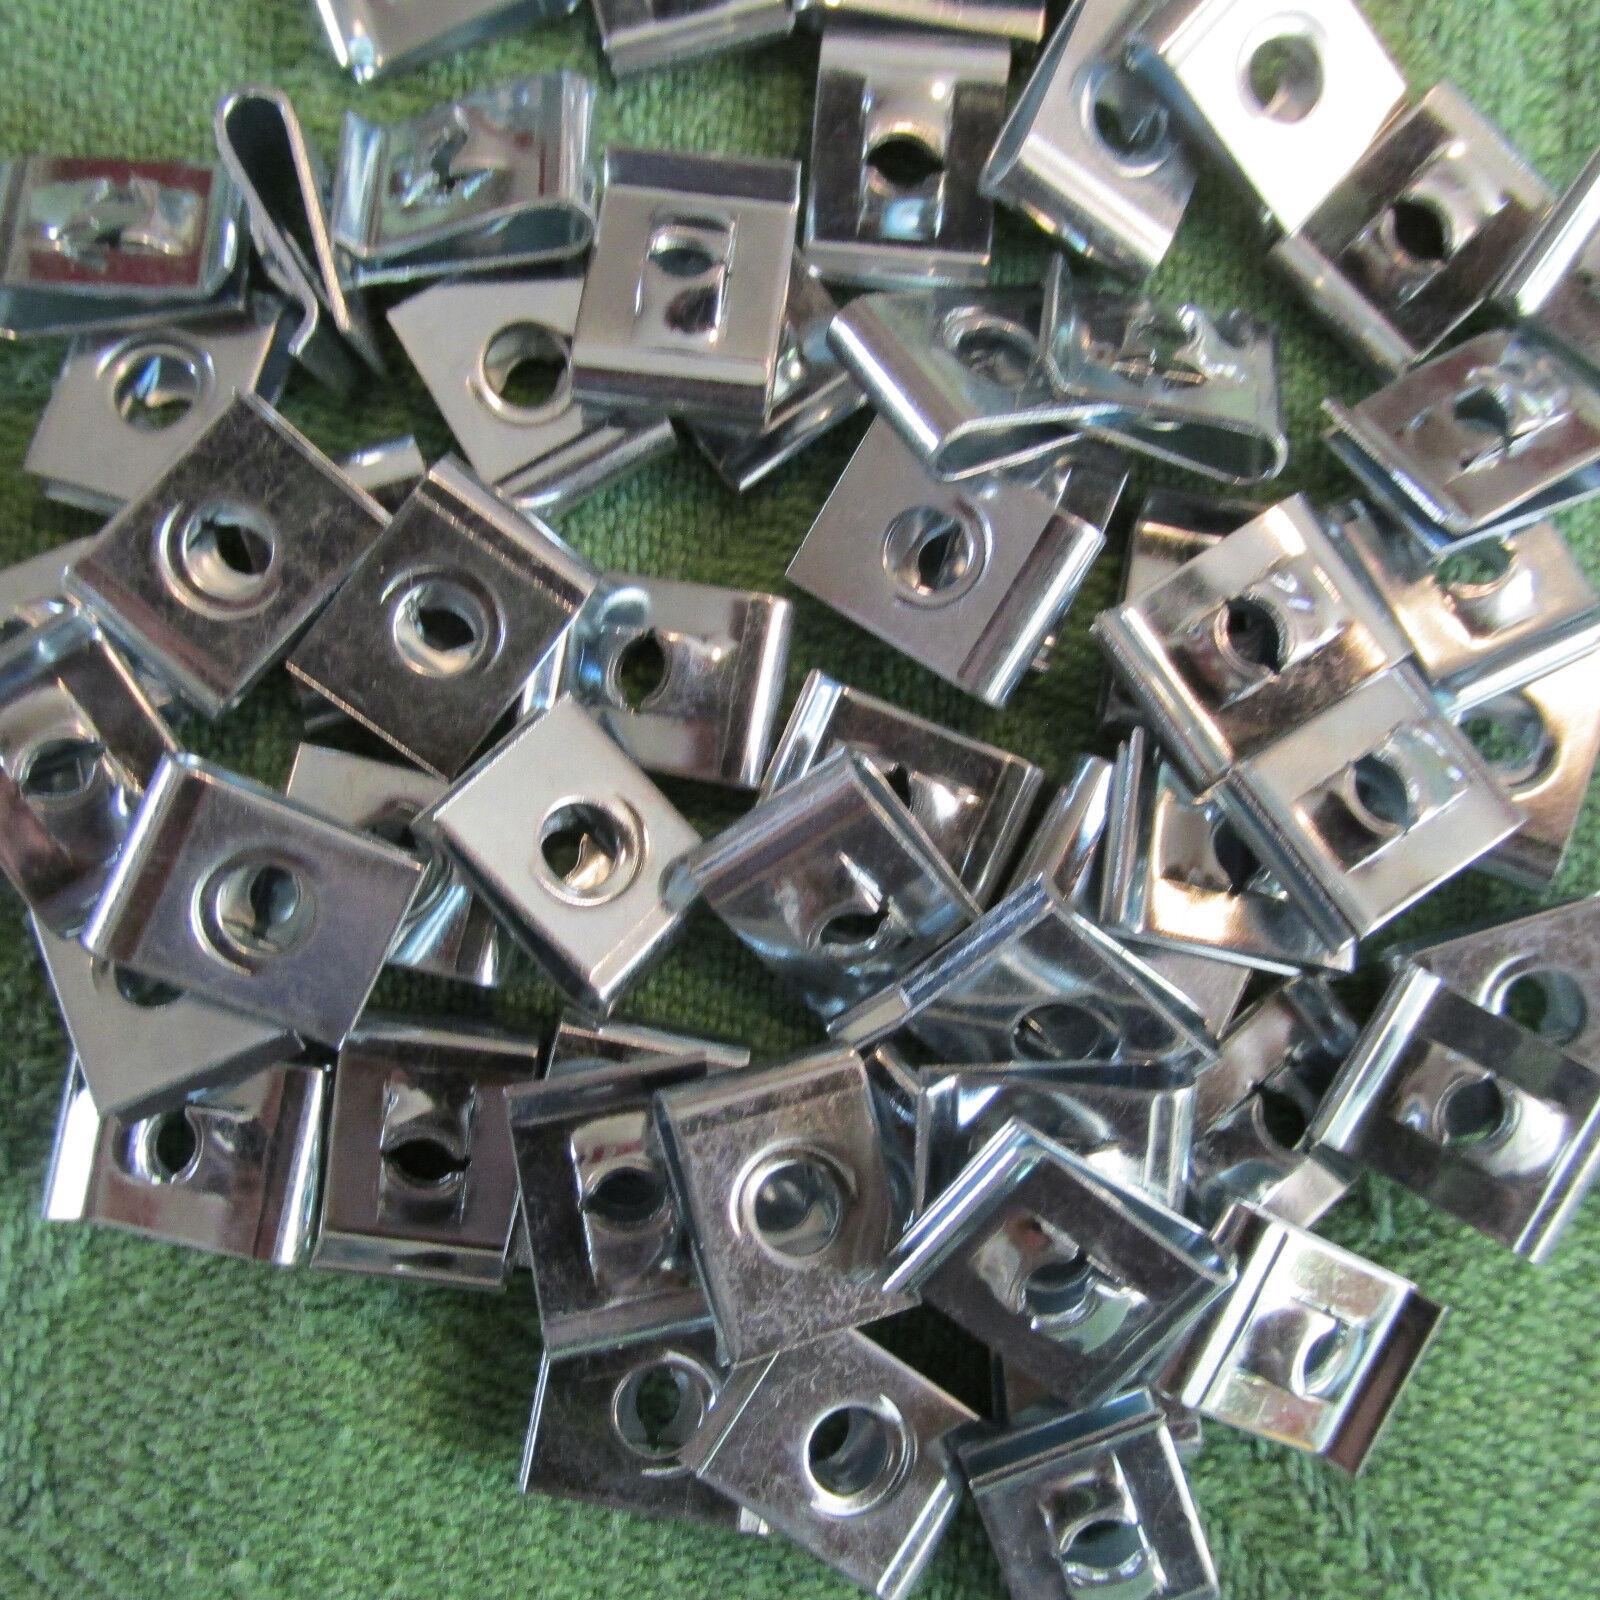 6-Stück Edelstahl VA Schnappmutter 596 A2 Blechmuttern Clips-Nut M4 5mm 6mm  8mm